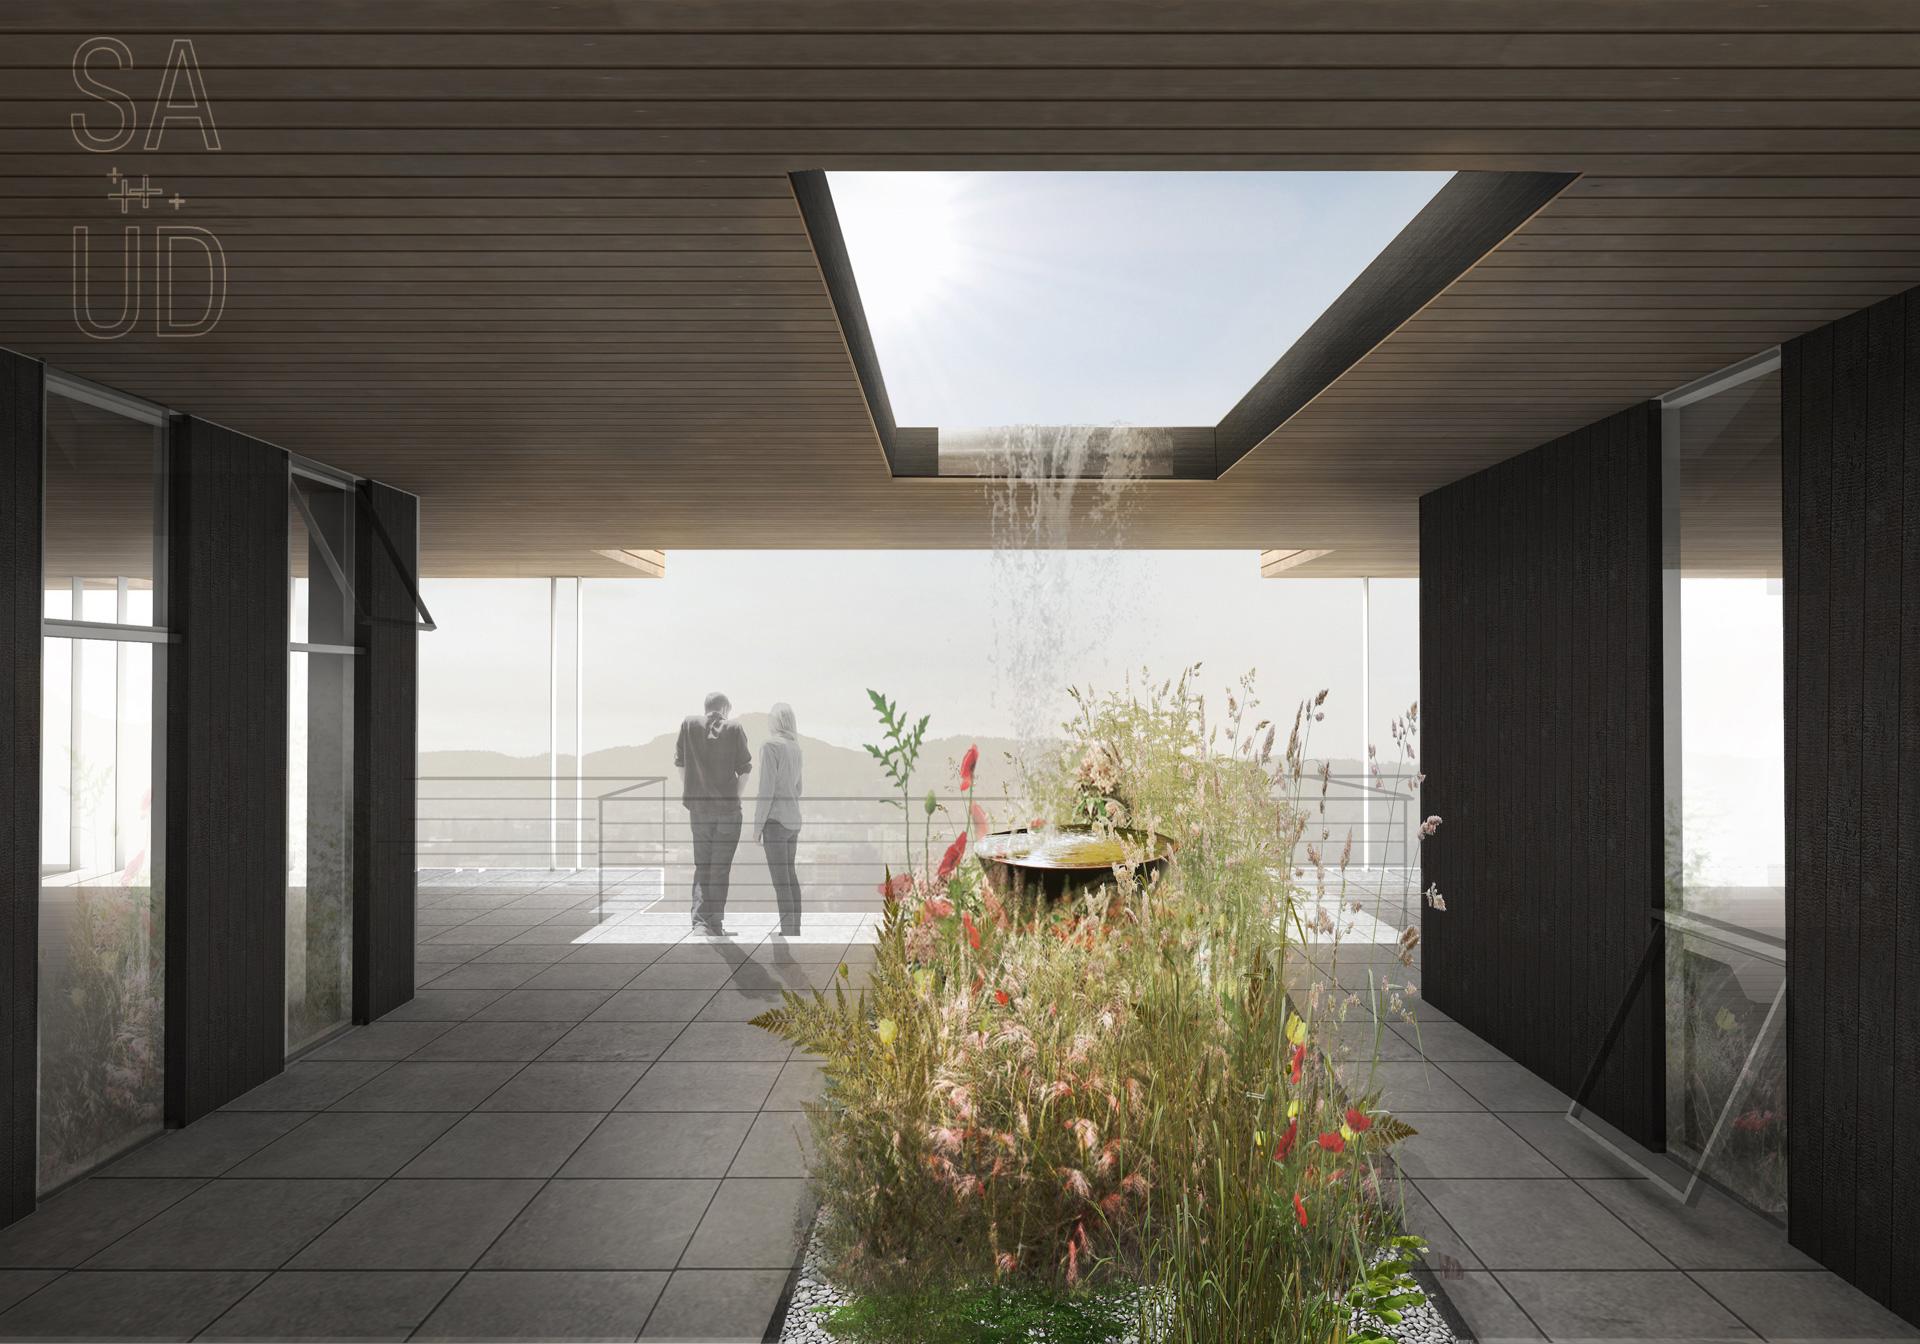 Third floor community garden